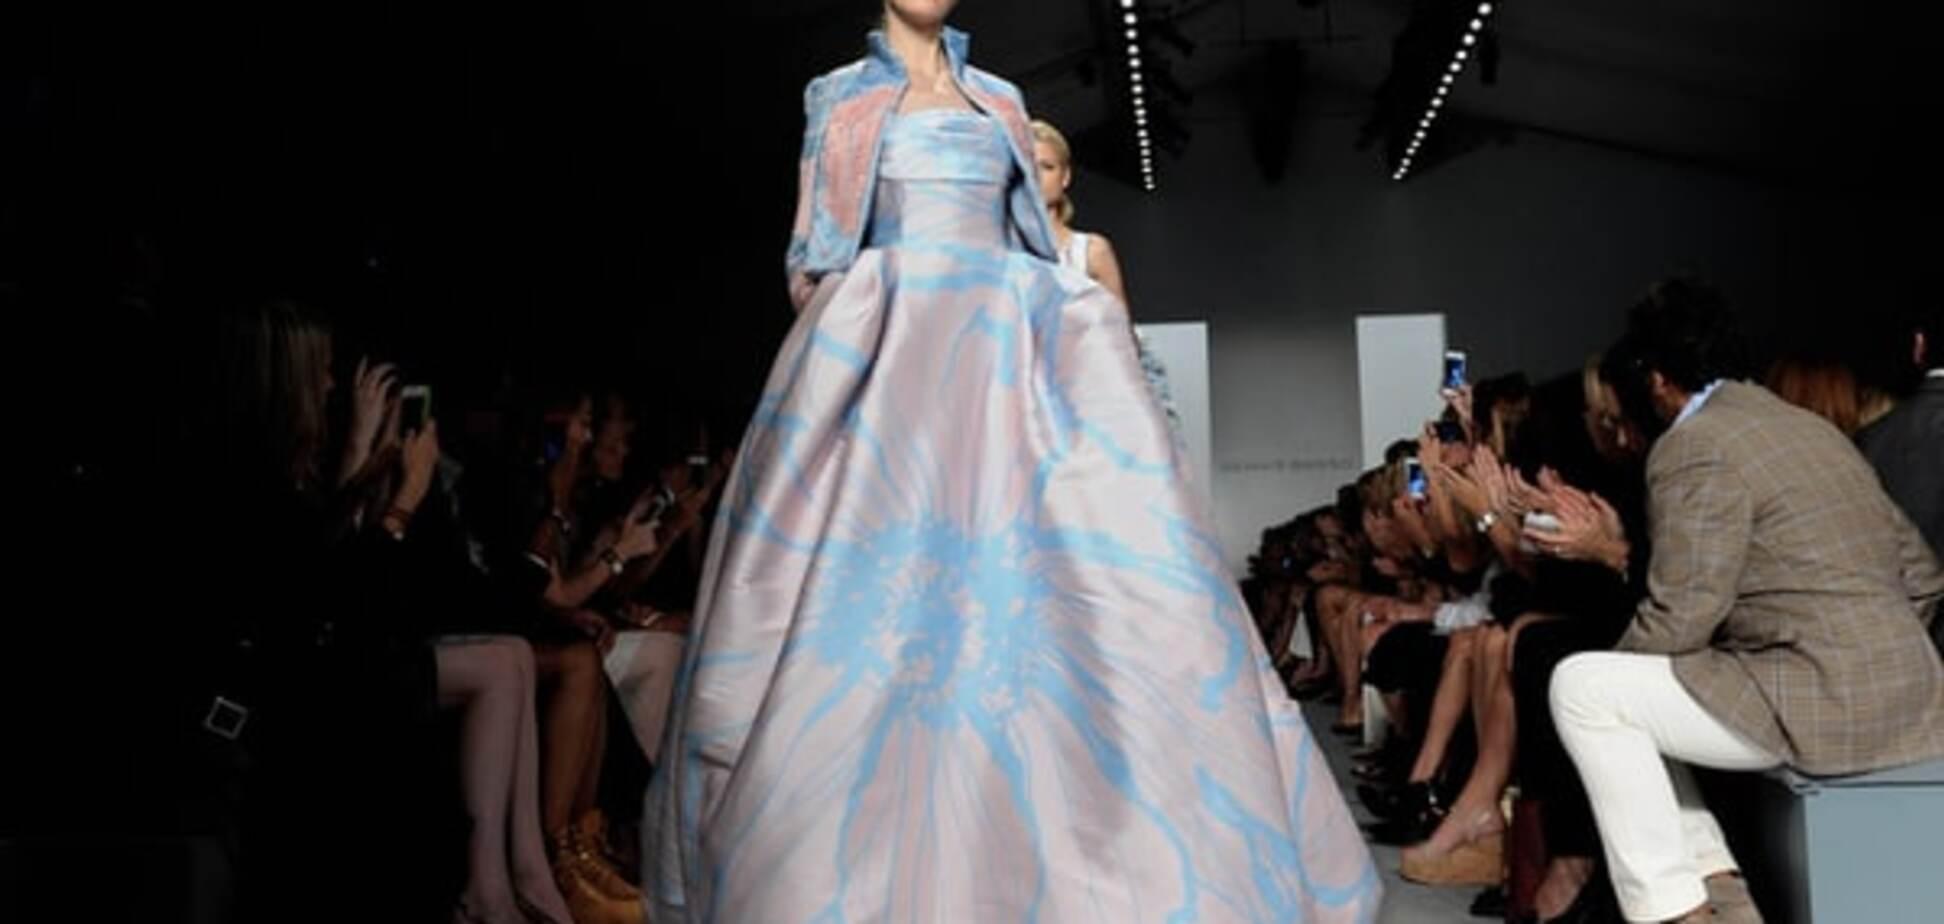 Як пройшов Тиждень моди в Нью -Йорку: особливі моделі, зіркові гості та кращі колекції